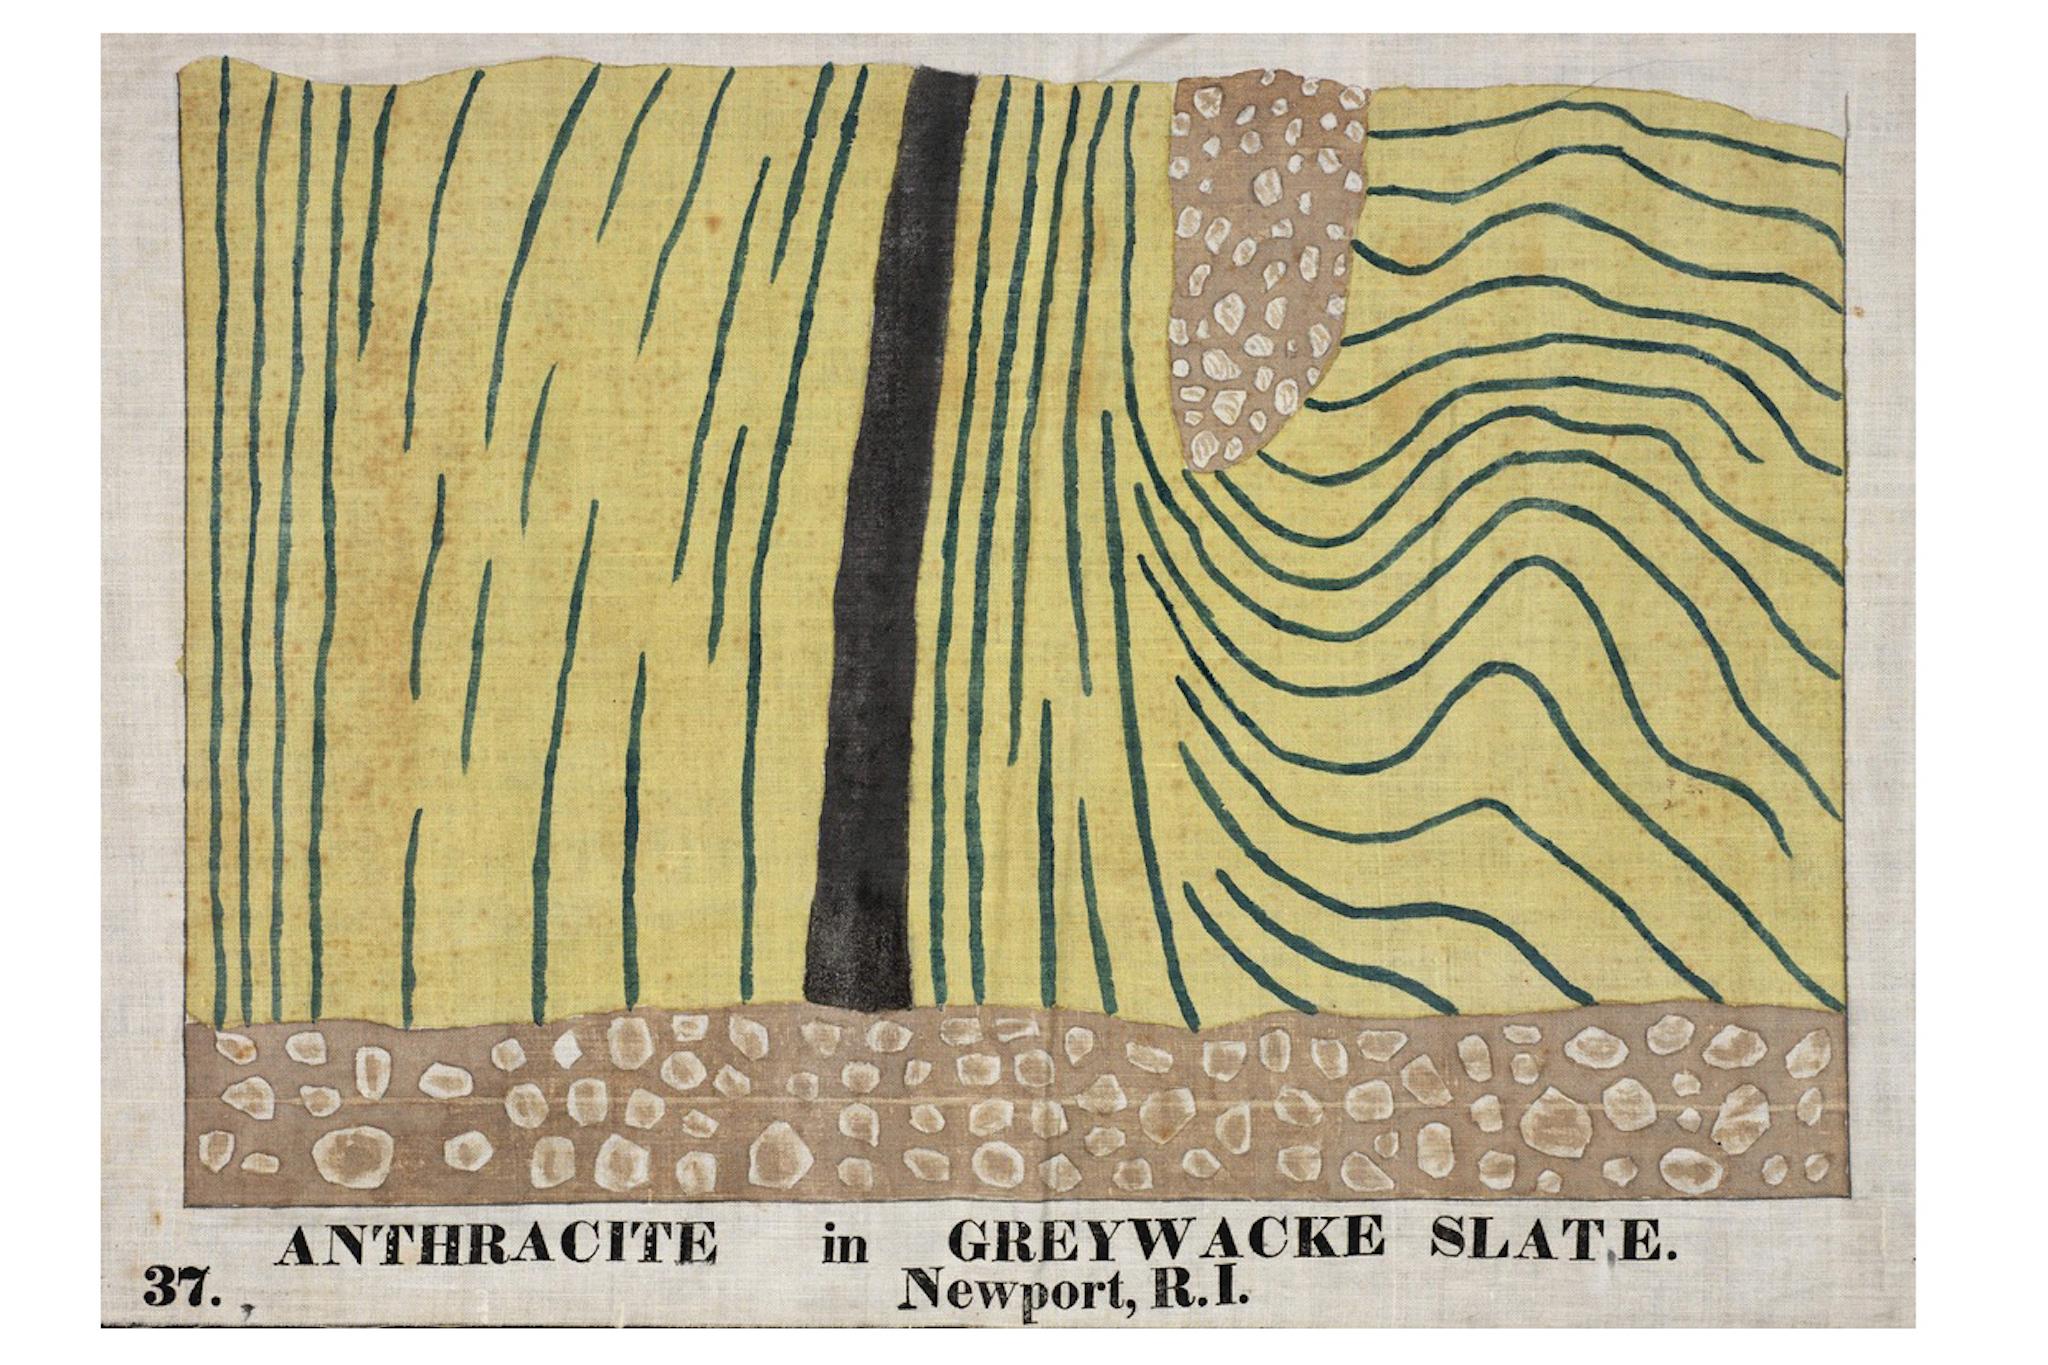 Orra White Hitchcock, Anthracite In Greywacke Slate. Newport, R.I.